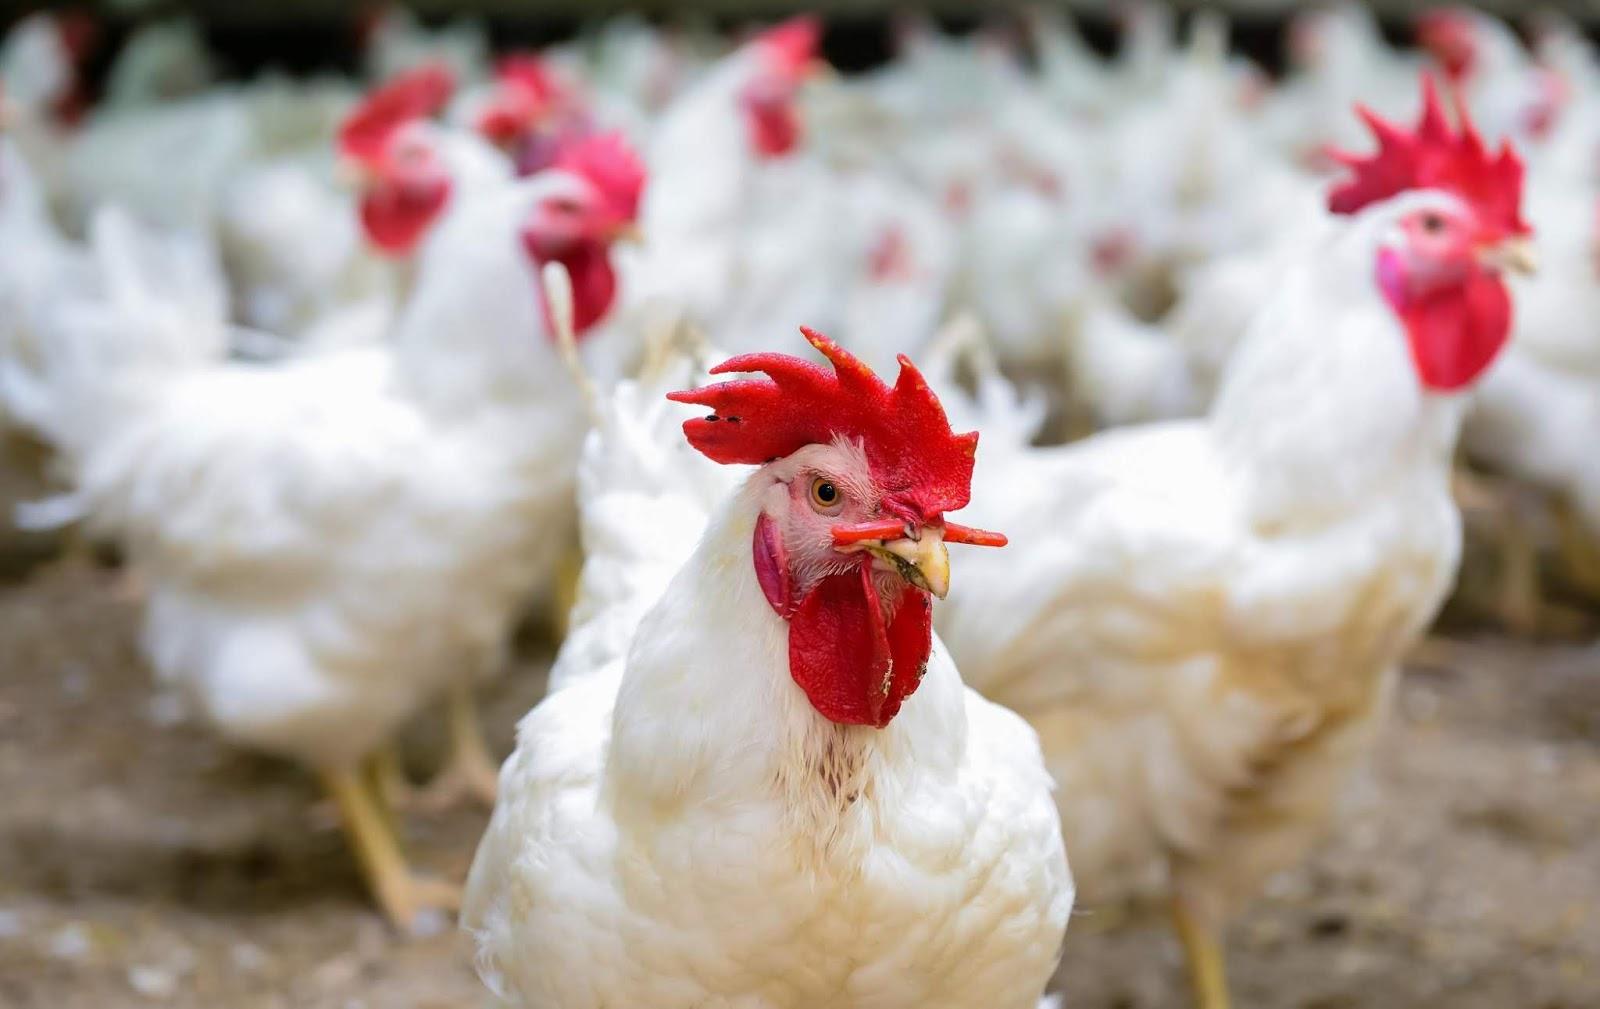 تفسير رؤية الدجاج الحي في المنام للعزباء والمتزوجة والحامل زيادة